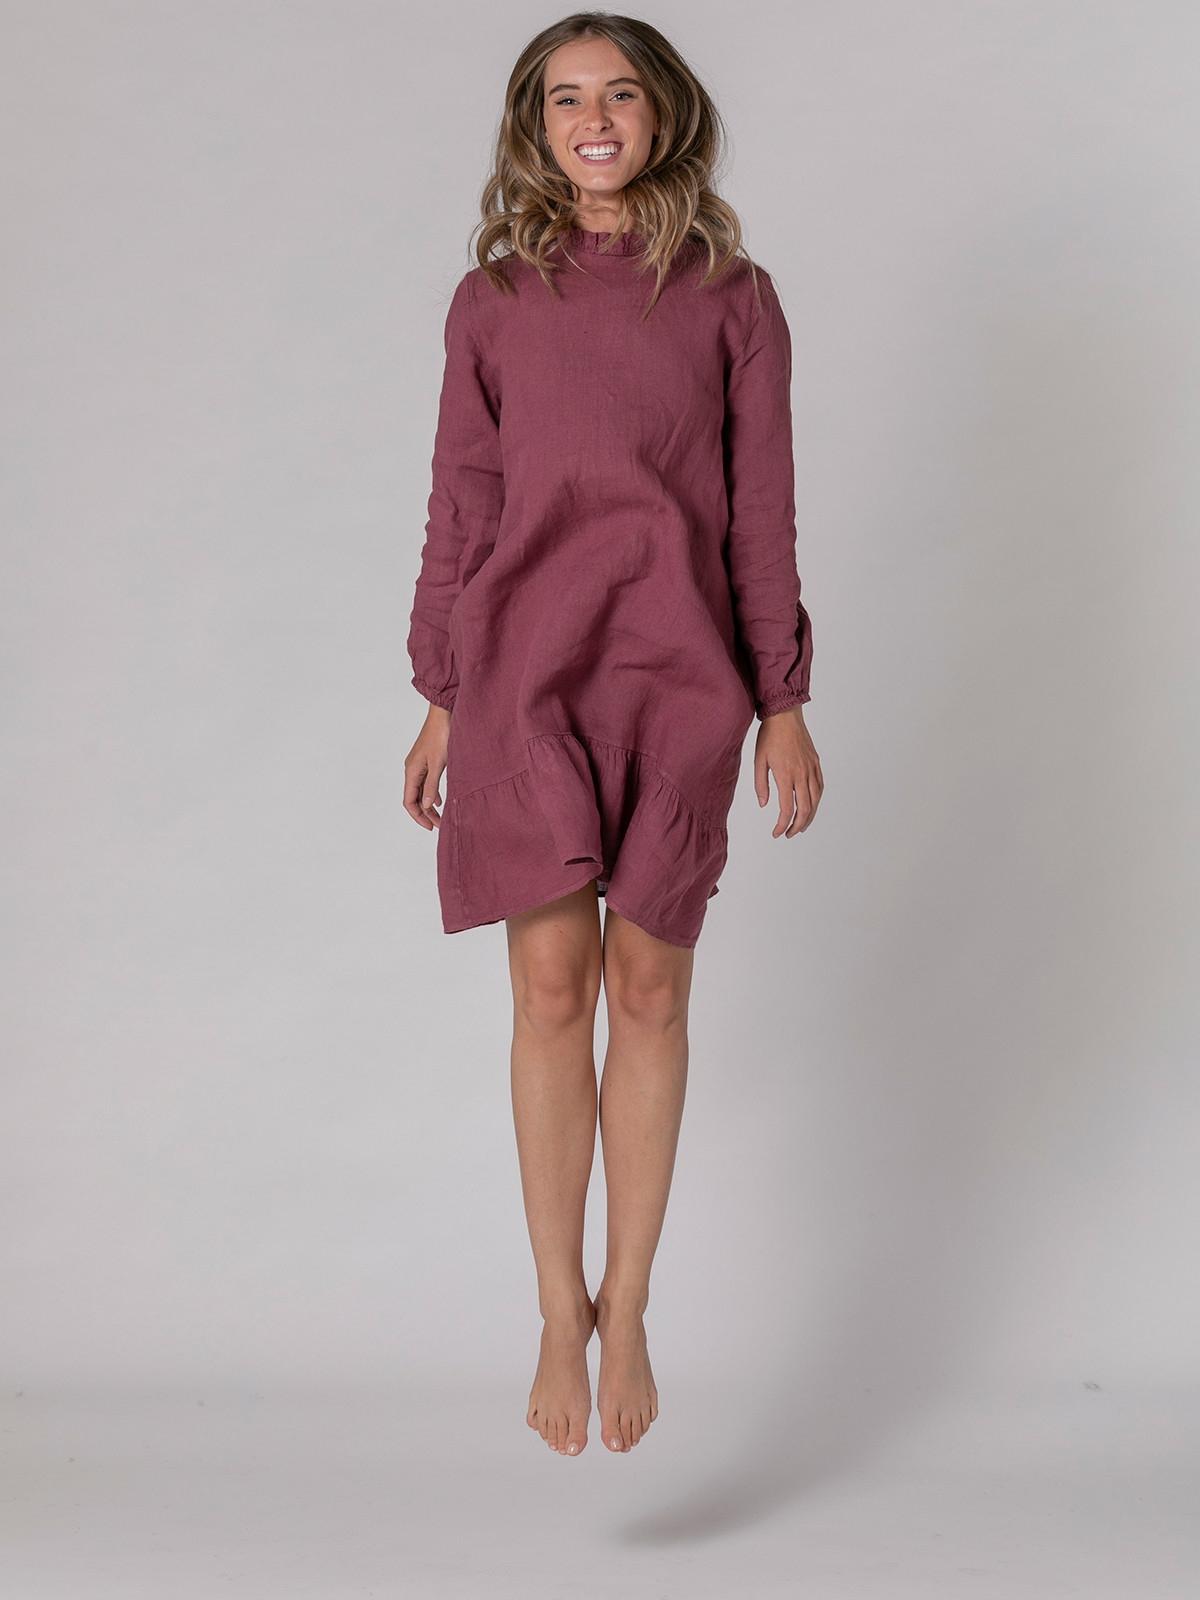 Woman Long sleeve linen dress details Mallow